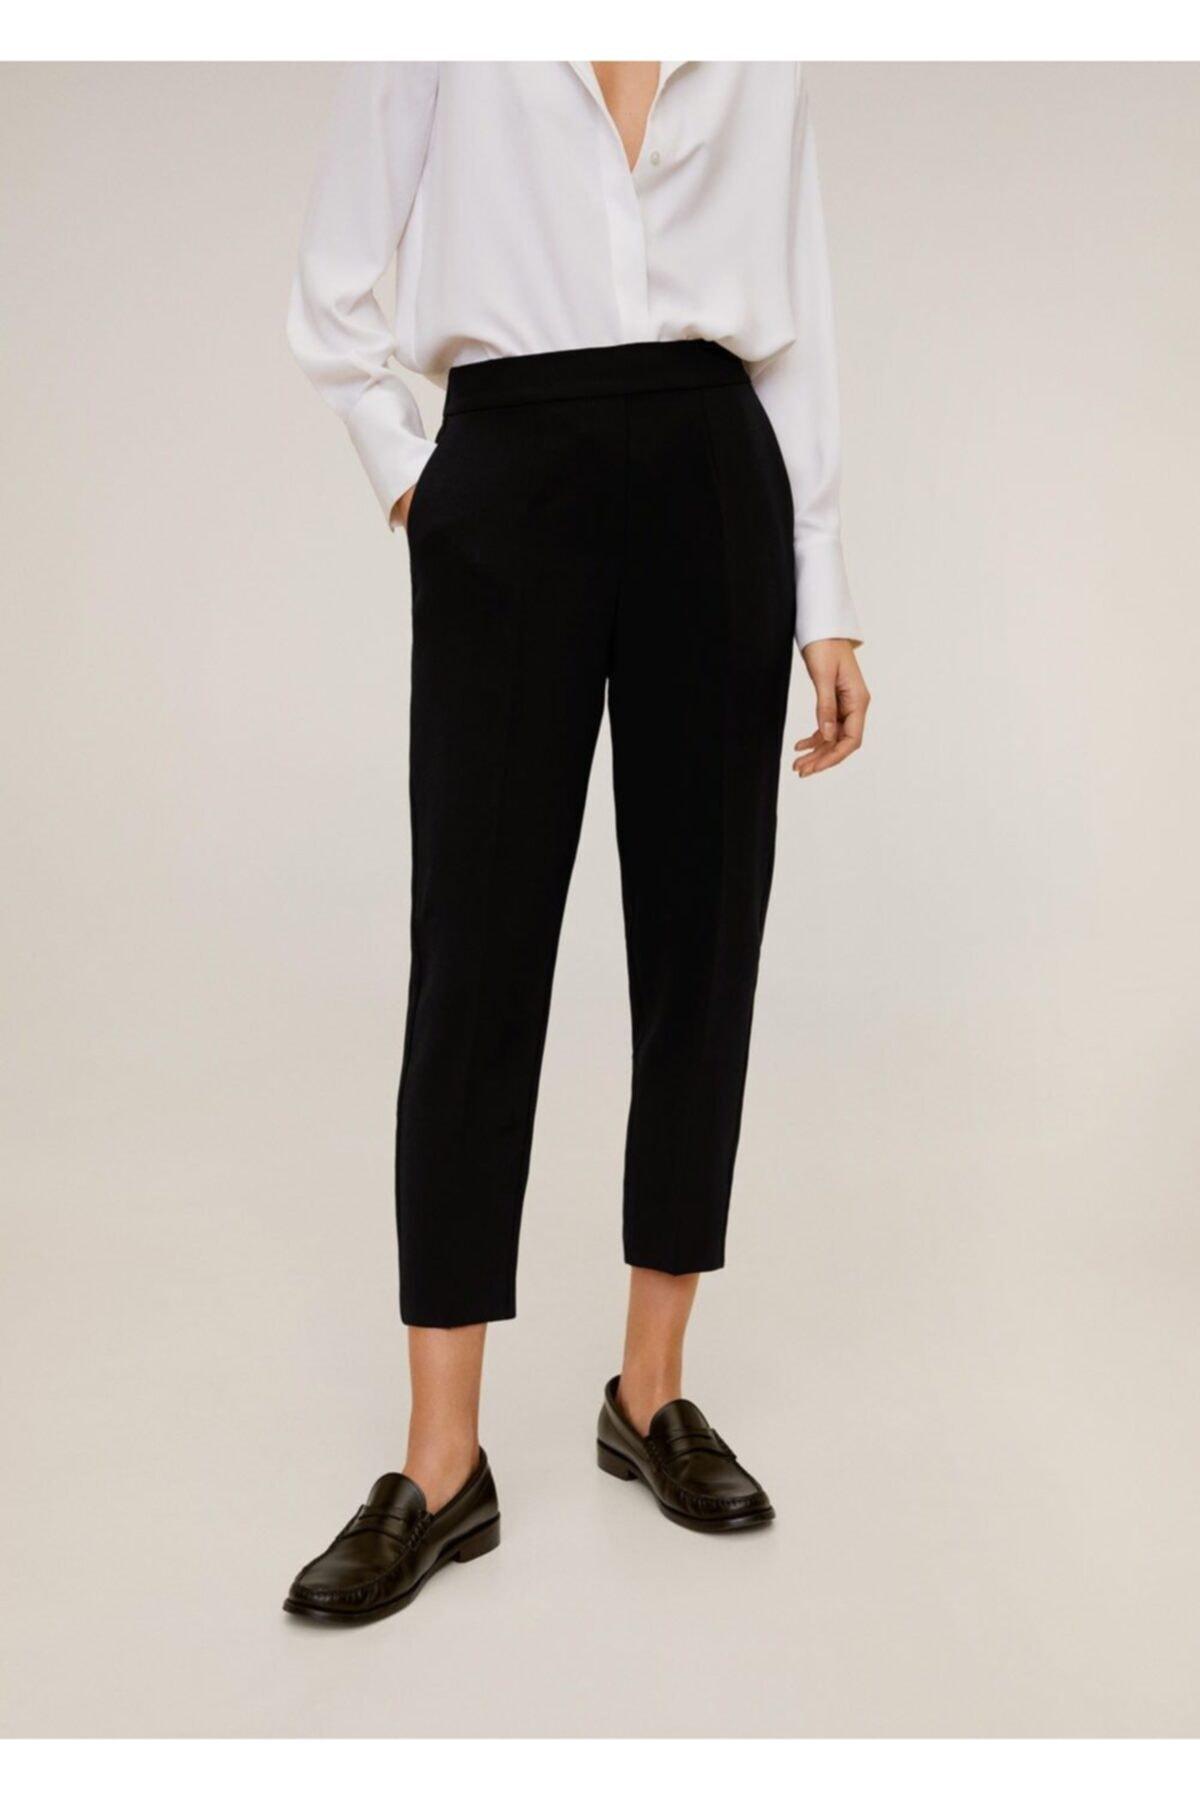 MANGO Woman Kadın Siyah Düz Kesim Kısa Paçalı Pantolon 67084006 1